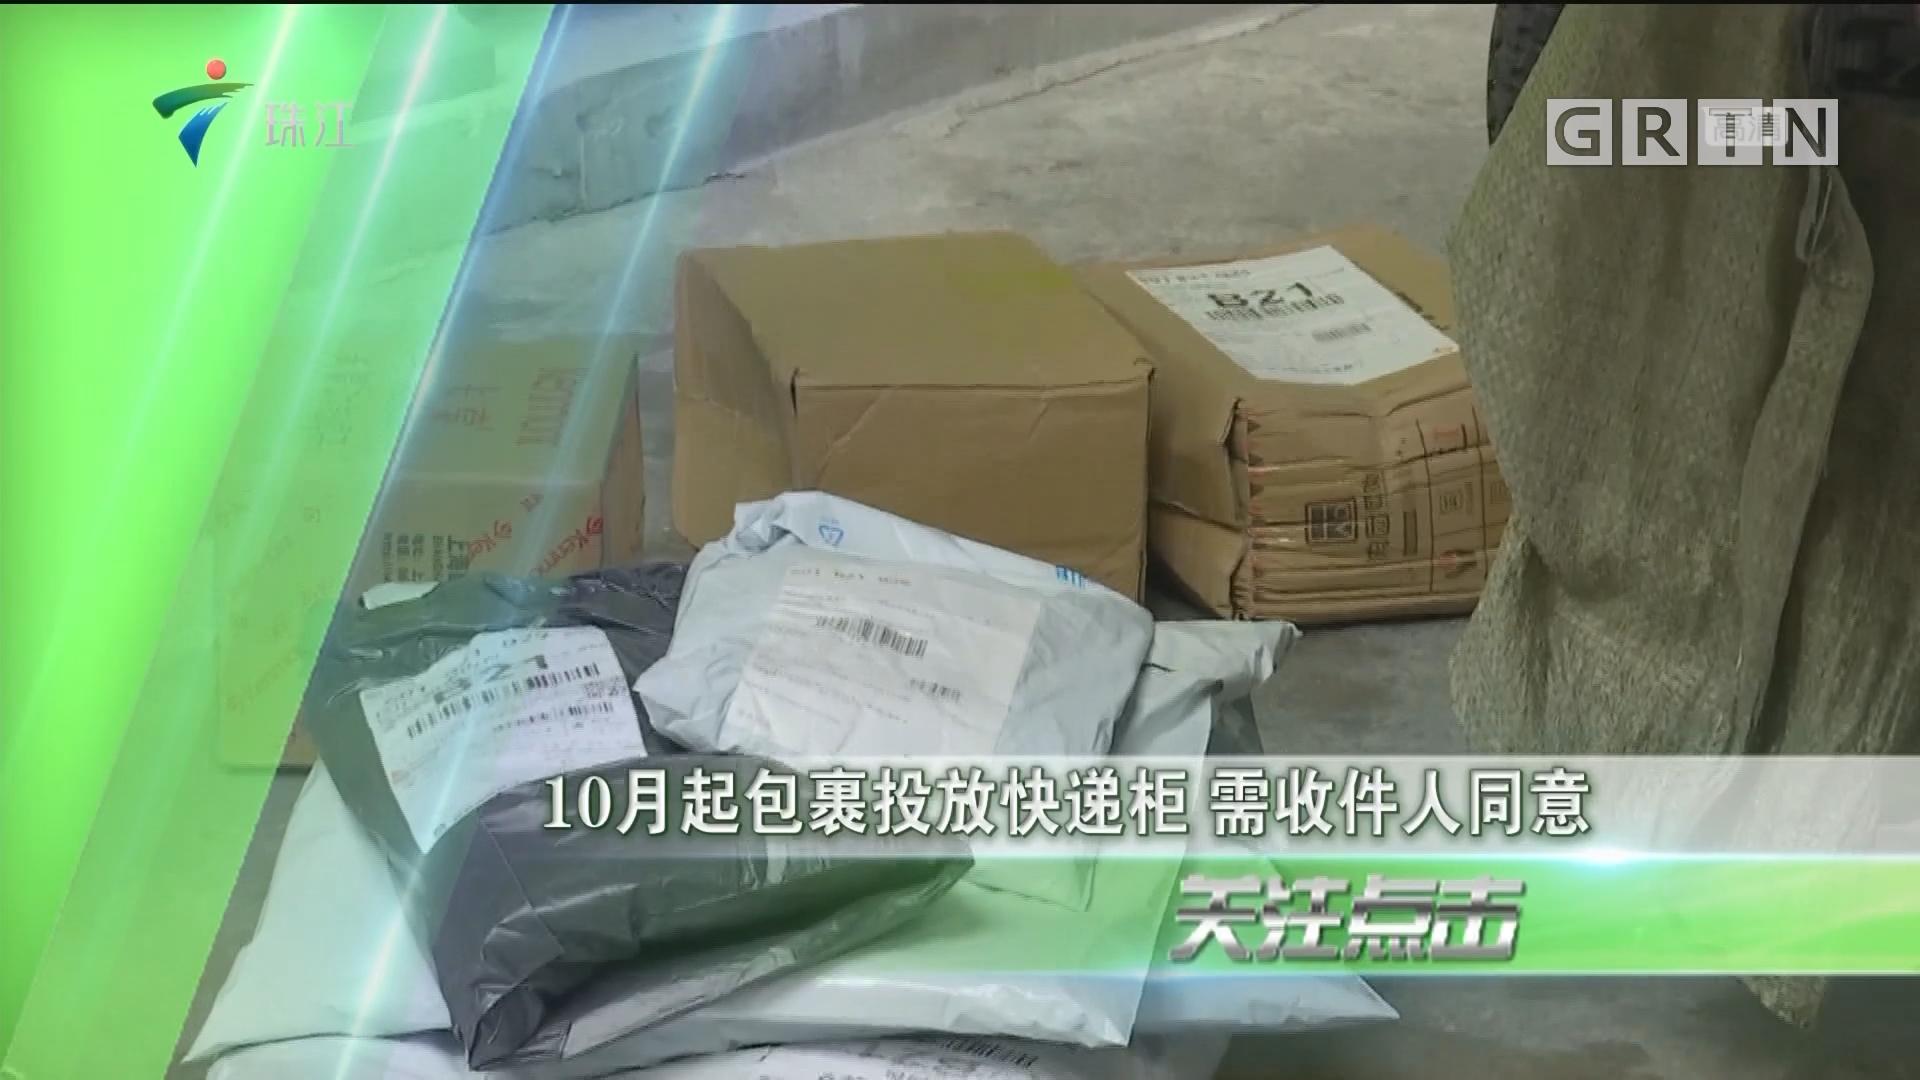 10月起包裹投放快递柜 需收件人同意